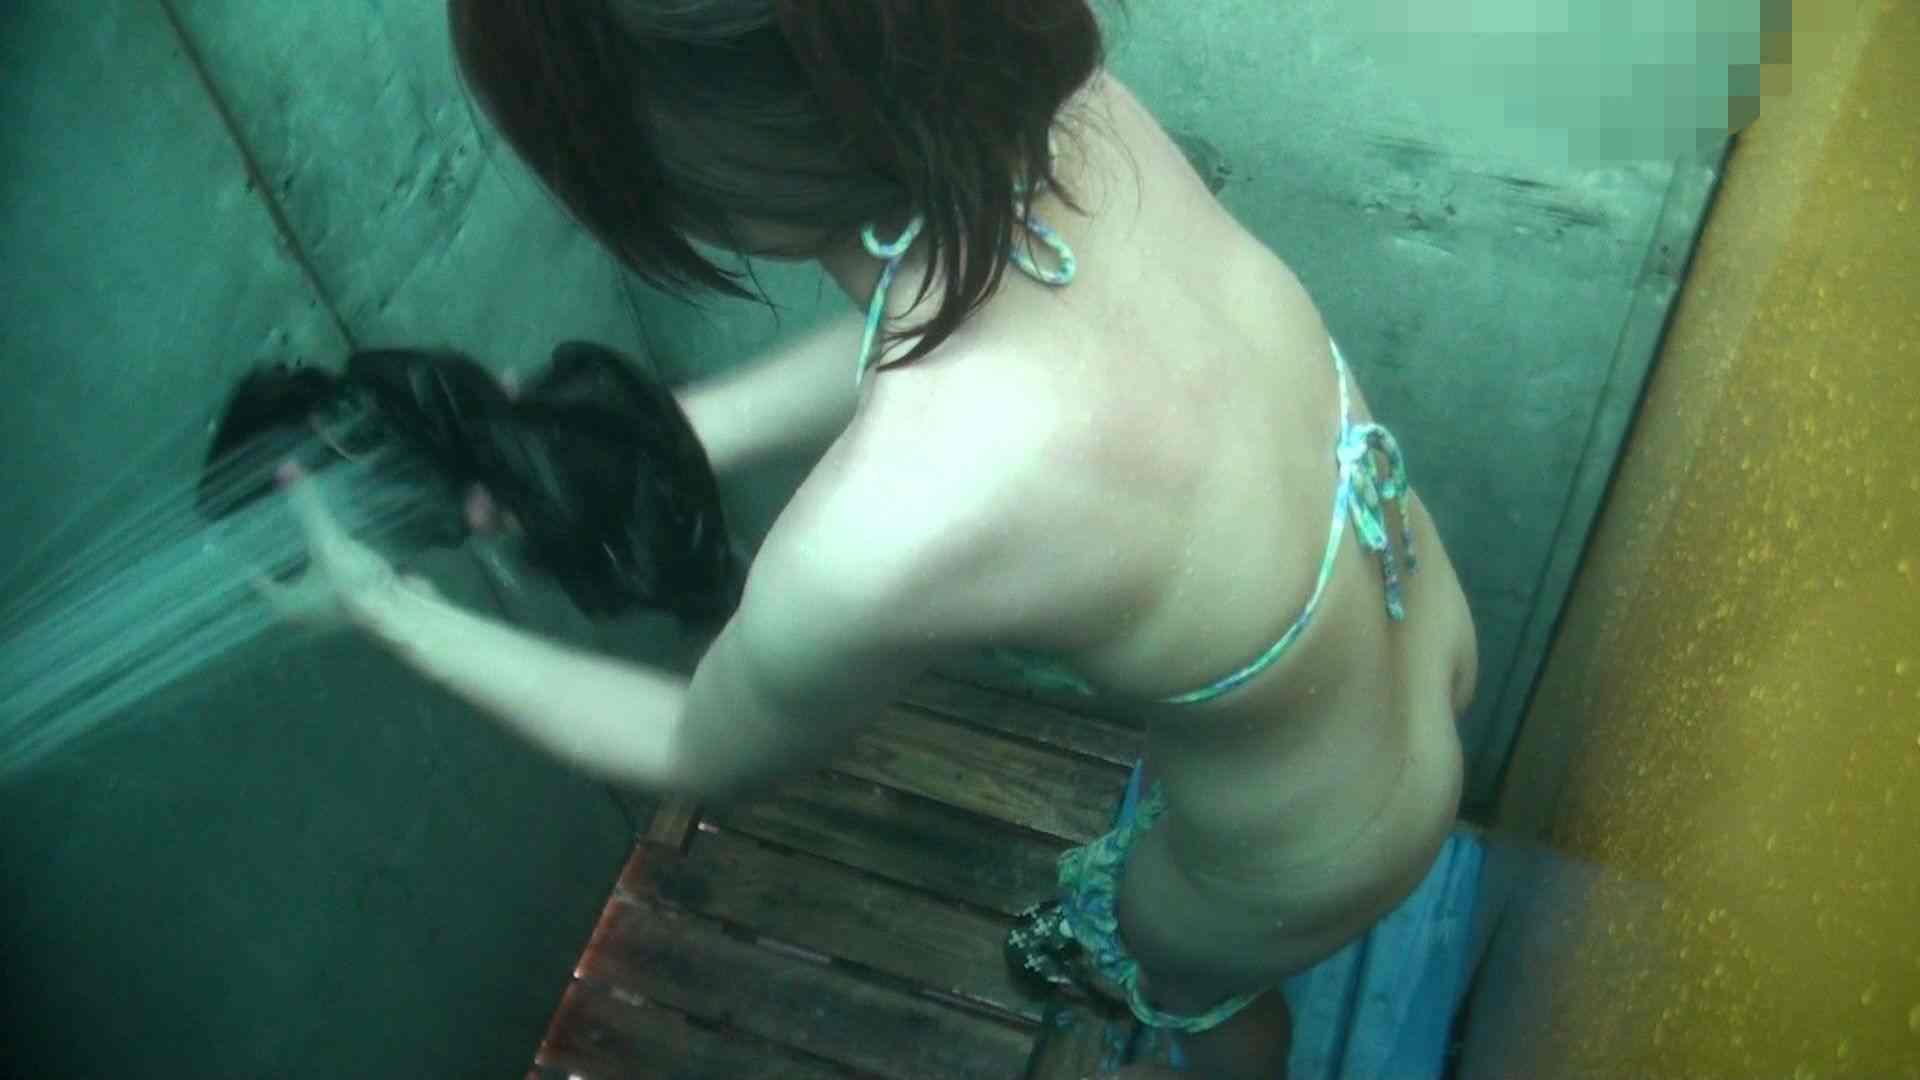 シャワールームは超!!危険な香りVol.15 残念ですが乳首未確認 マンコの砂は入念に 高画質 | 乳首  70pic 56